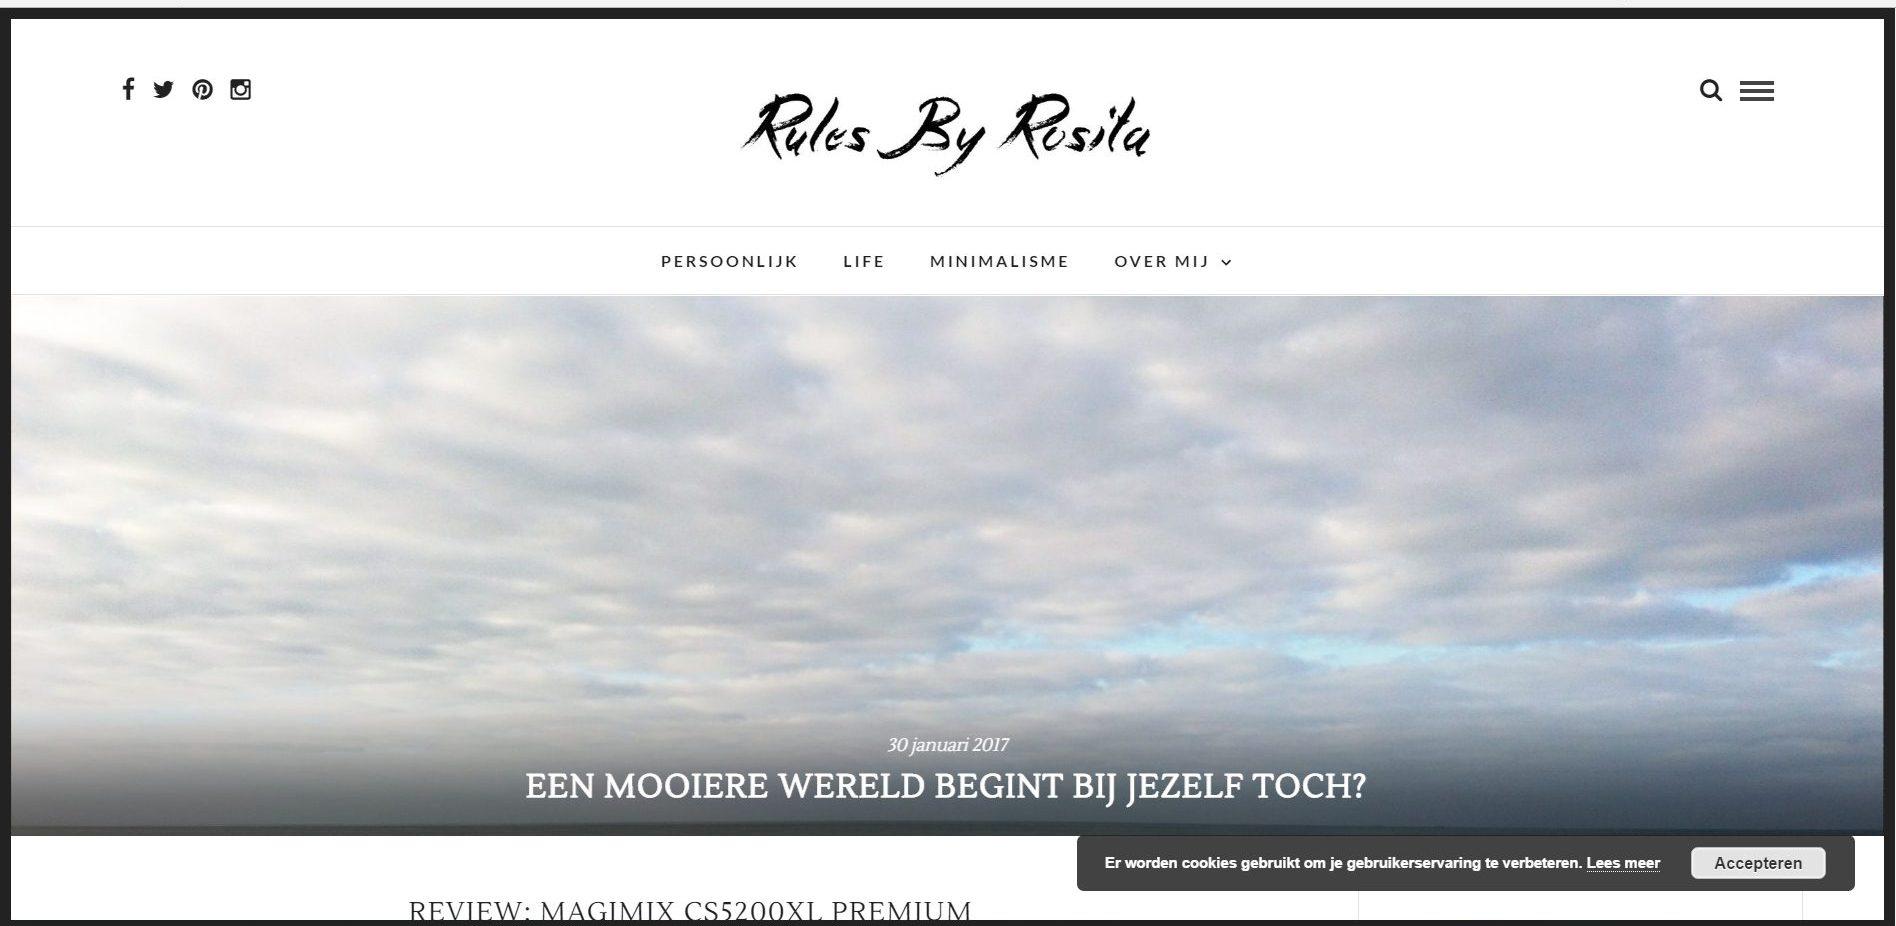 Zo zag mijn blog eruit toen ik net begon 5 jaar geleden